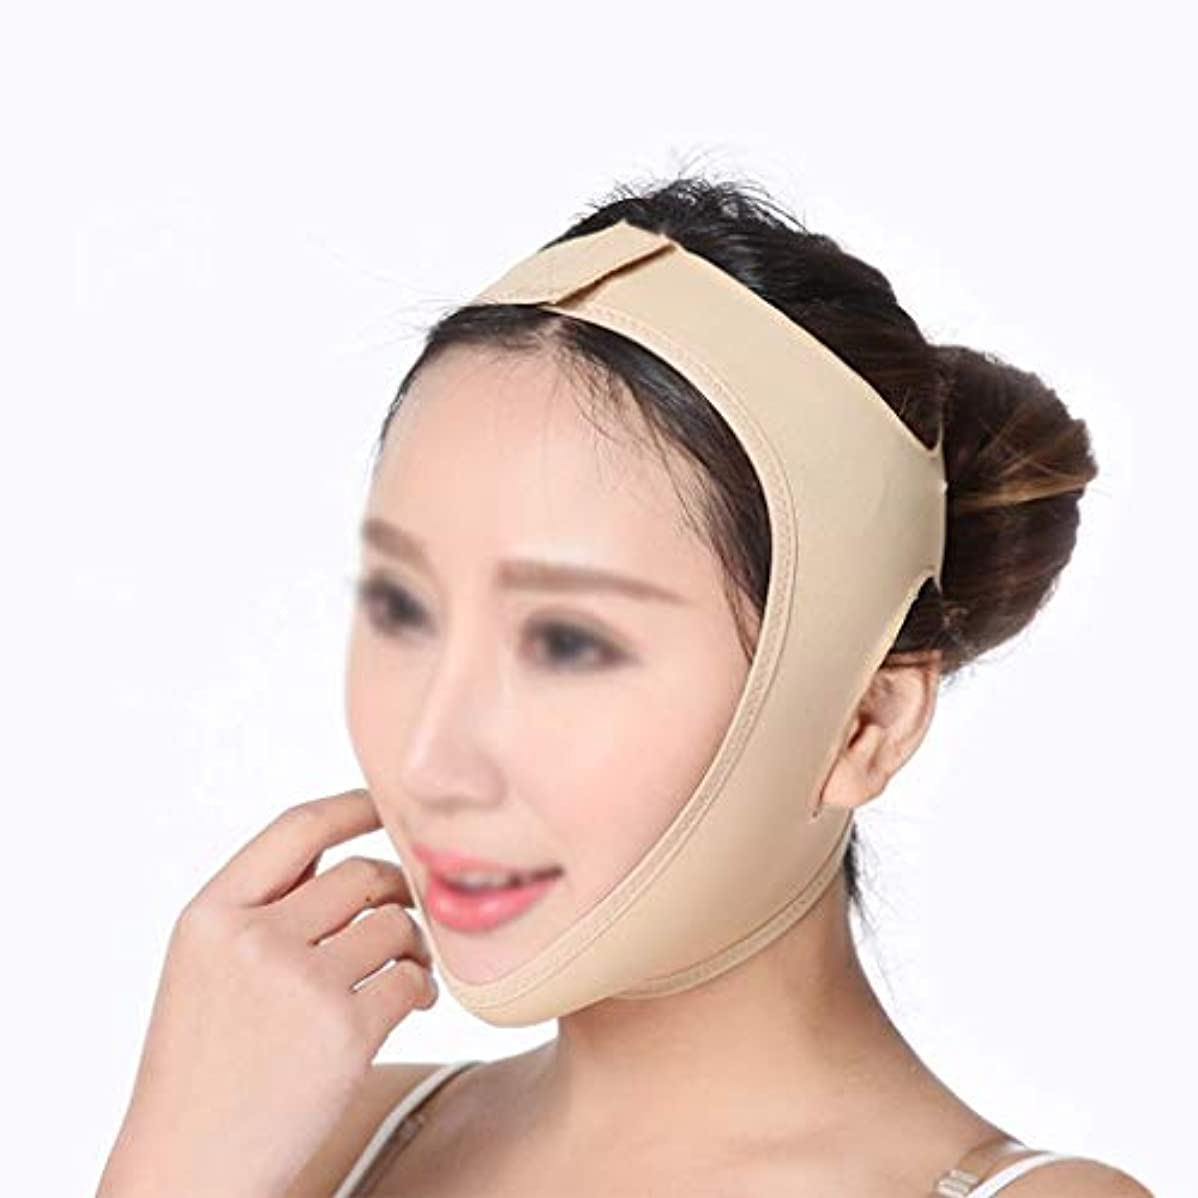 ベッド実現可能代表団フェイシャルチークリフティングマスク、ダブルチンとフェイスを効果的に改善、フェイスリフト包帯、ダブルチンを減らす(サイズ:L),ザ?